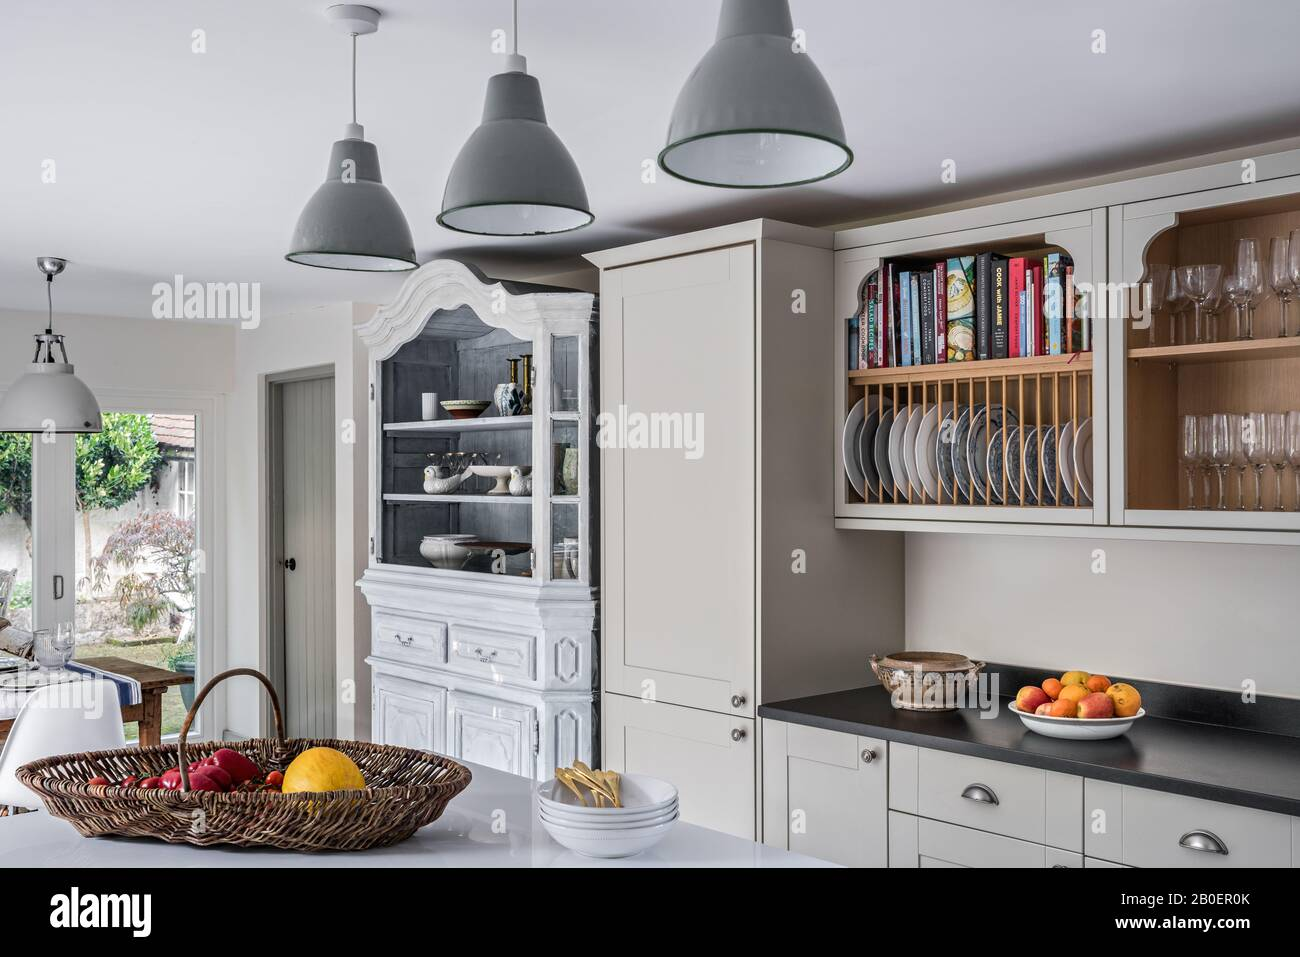 Belgische Oak Armoire aus den vierziger Jahren mit lackierten Lampenschirmen aus Amiens in Quäker-Küche mit Plattengestell über Granit Arbeitsplatte. Stockfoto